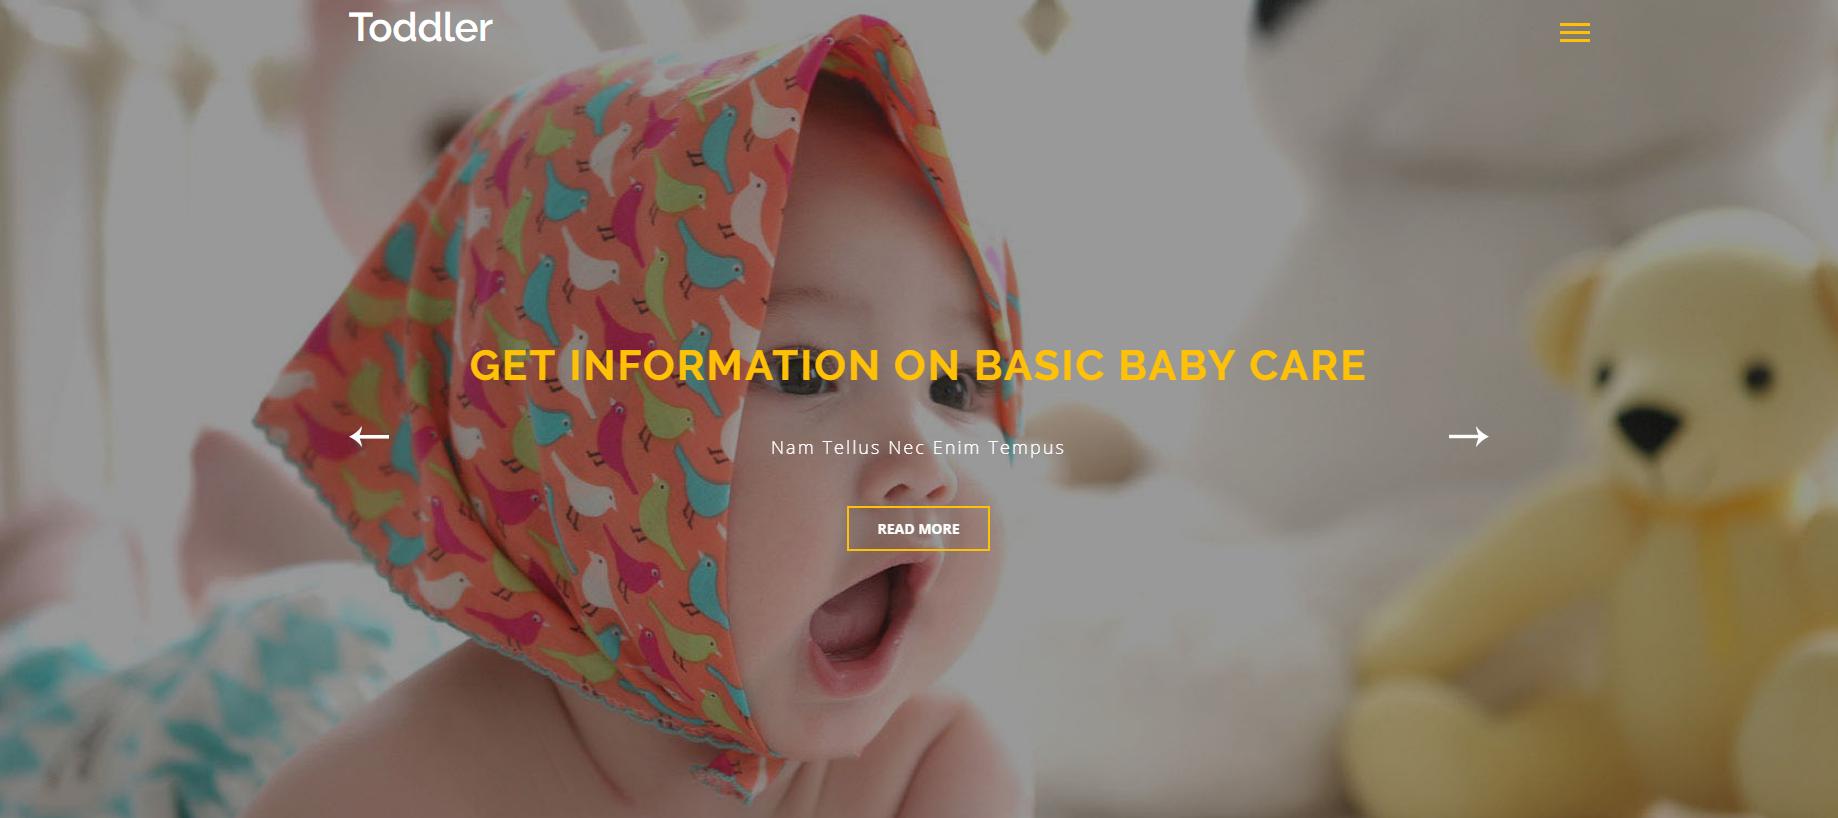 婴儿用品店的网站模板